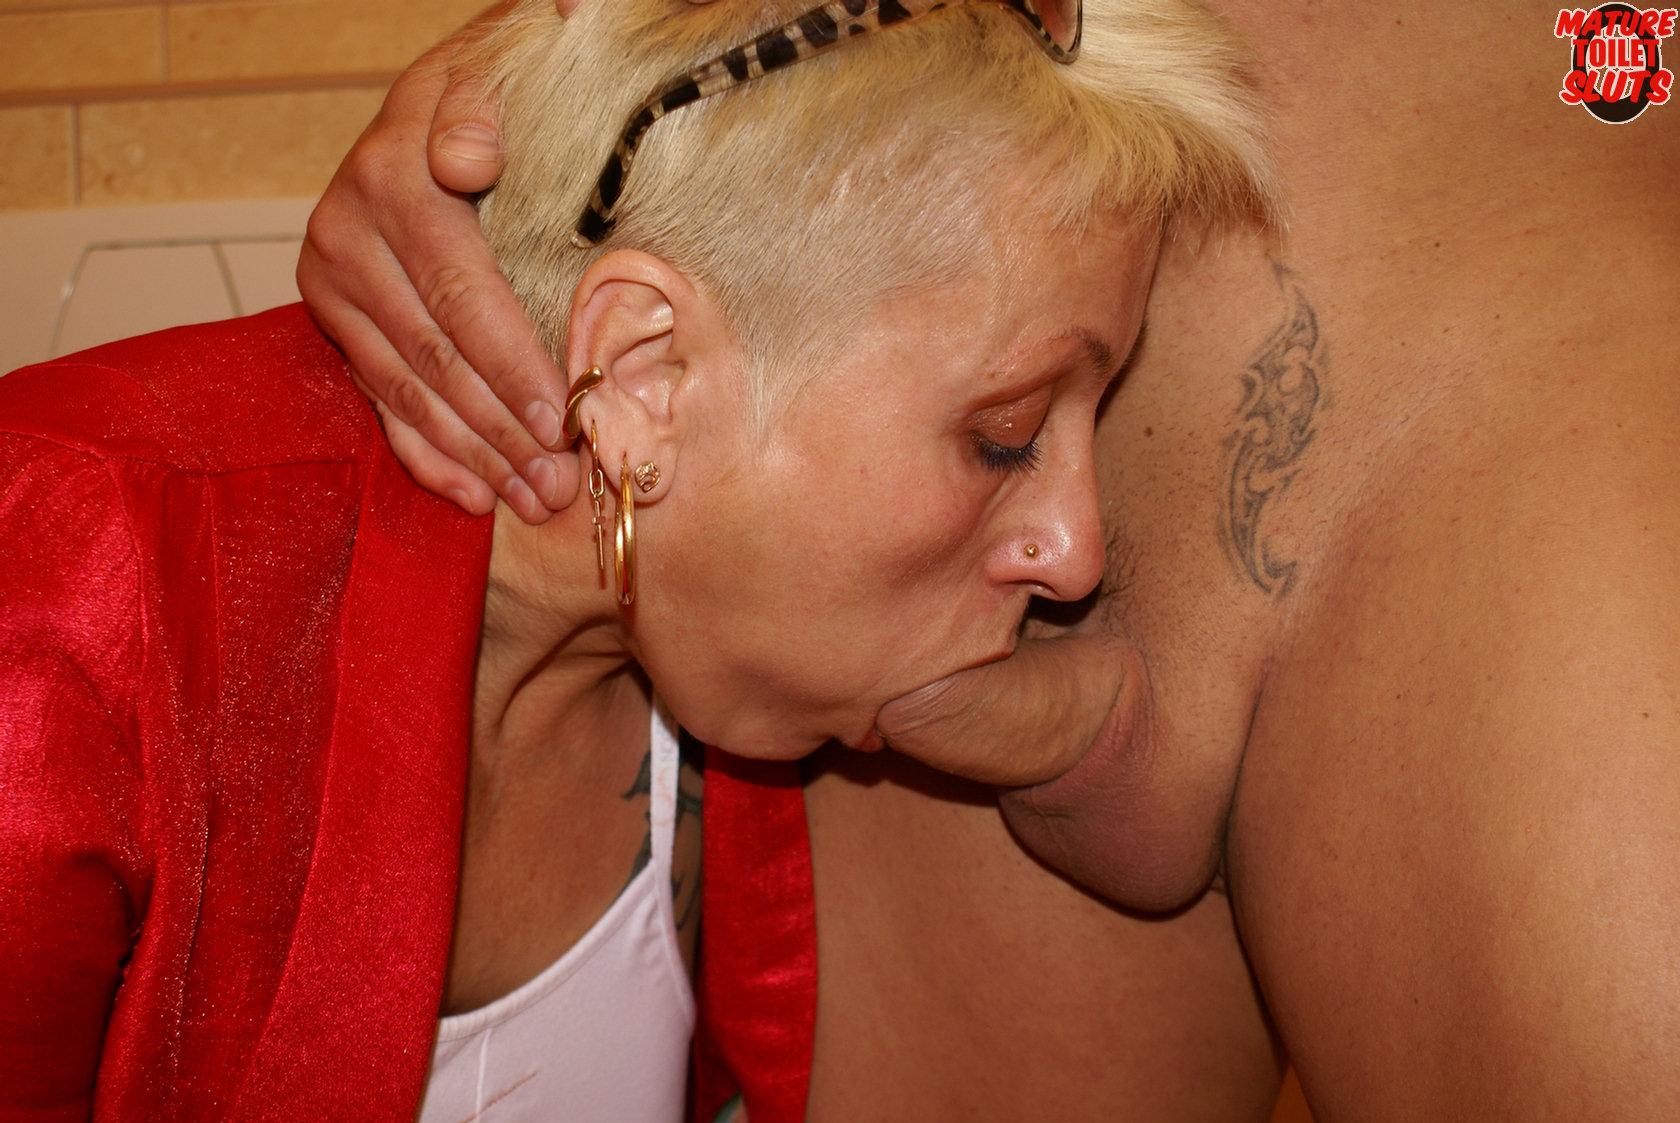 Women s raunchy mature videos